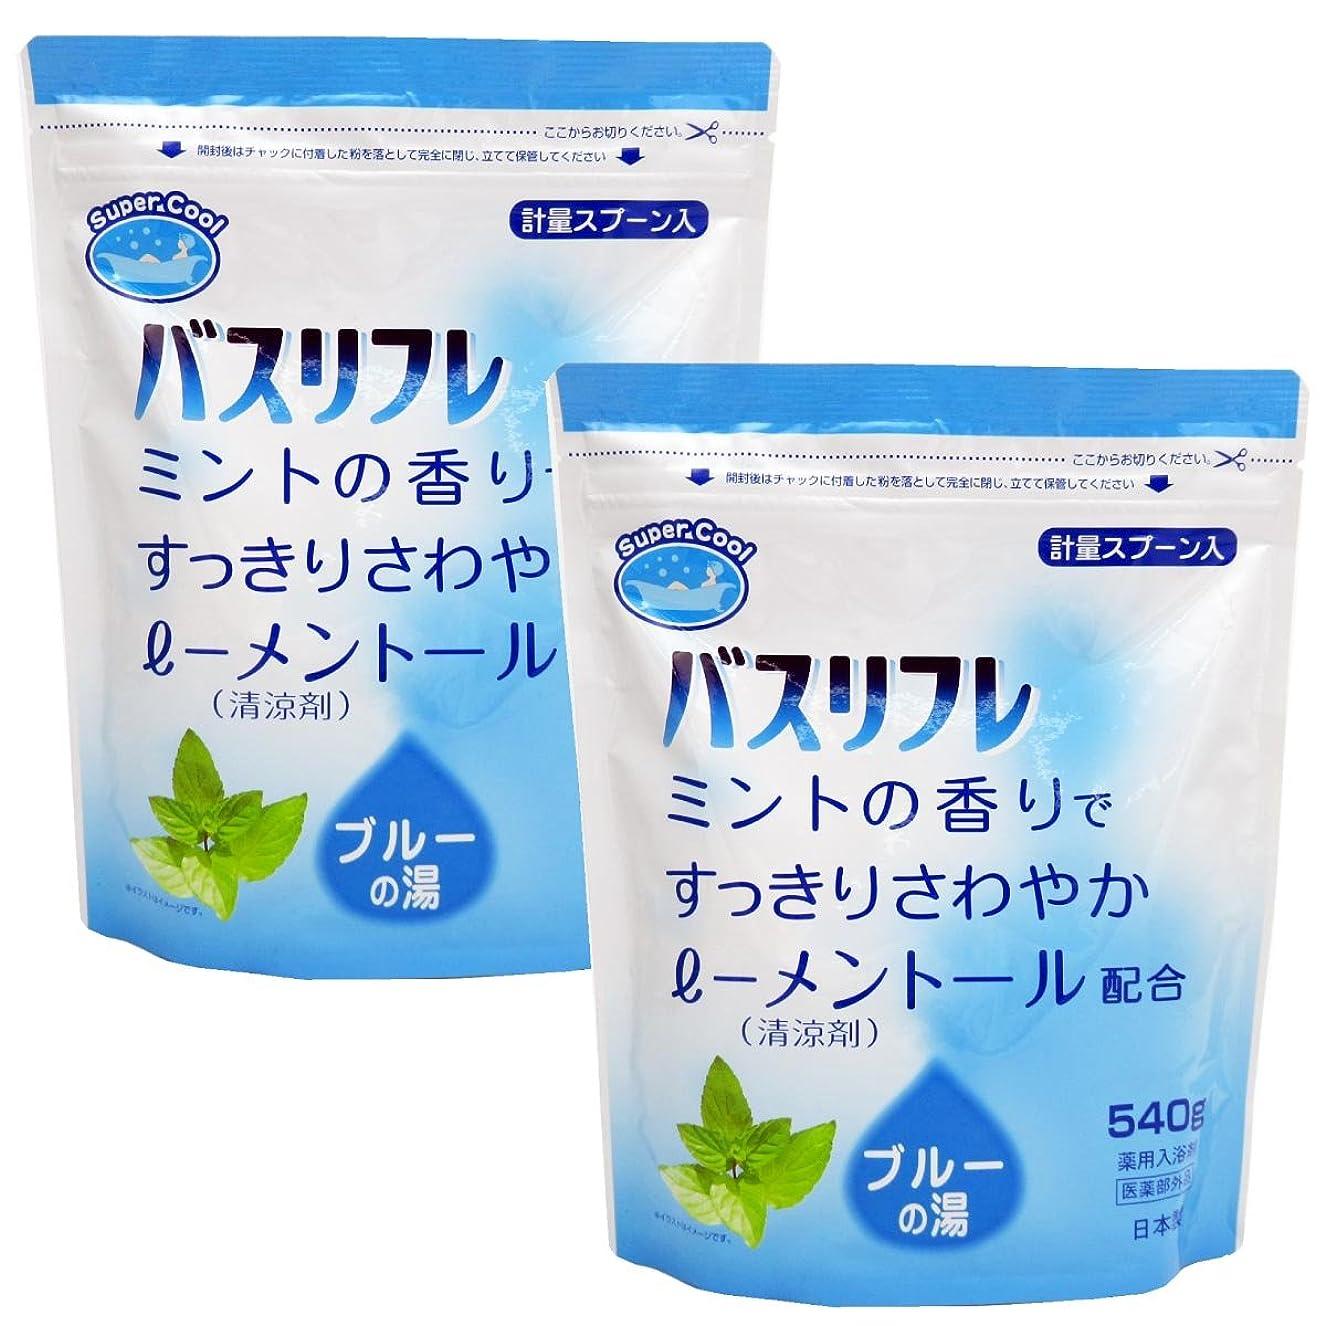 アナロジー妨げる証人入浴剤 クール 薬用入浴剤 バスリフレ スーパークール540g×2個セット 日本製